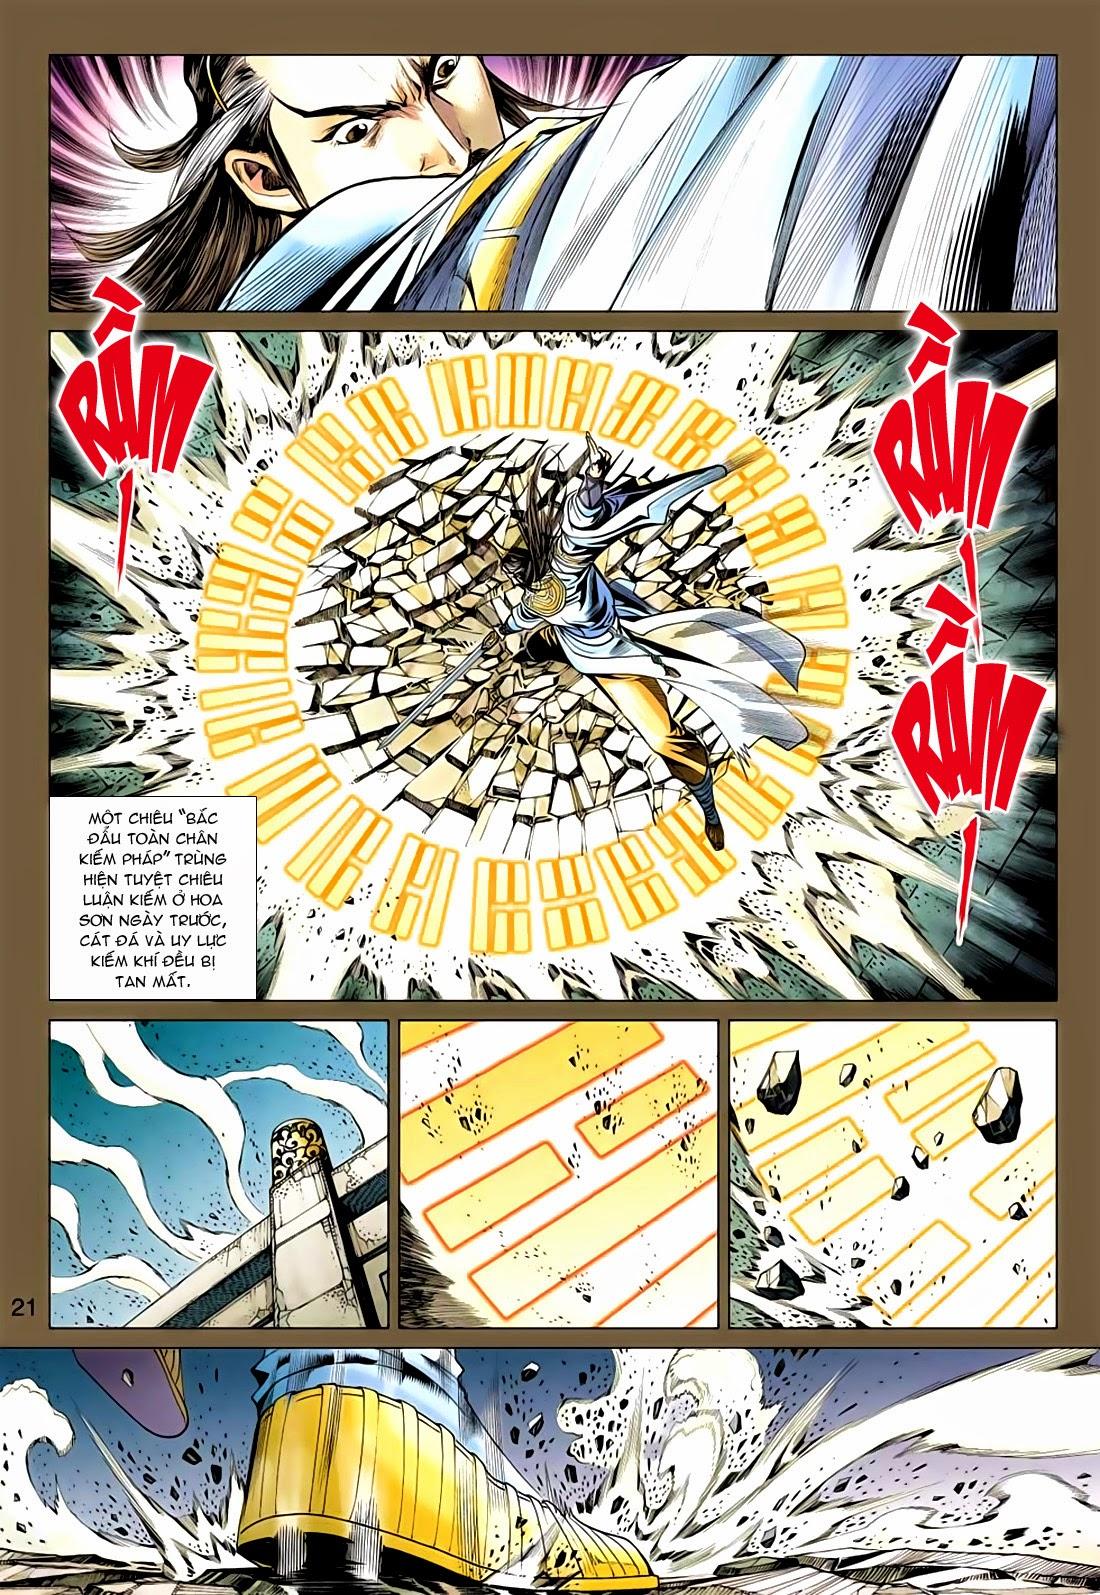 xem truyen moi - Anh Hùng Xạ Điêu - Chapter 76: Tiên Thiên vs Nhất Dương Chỉ